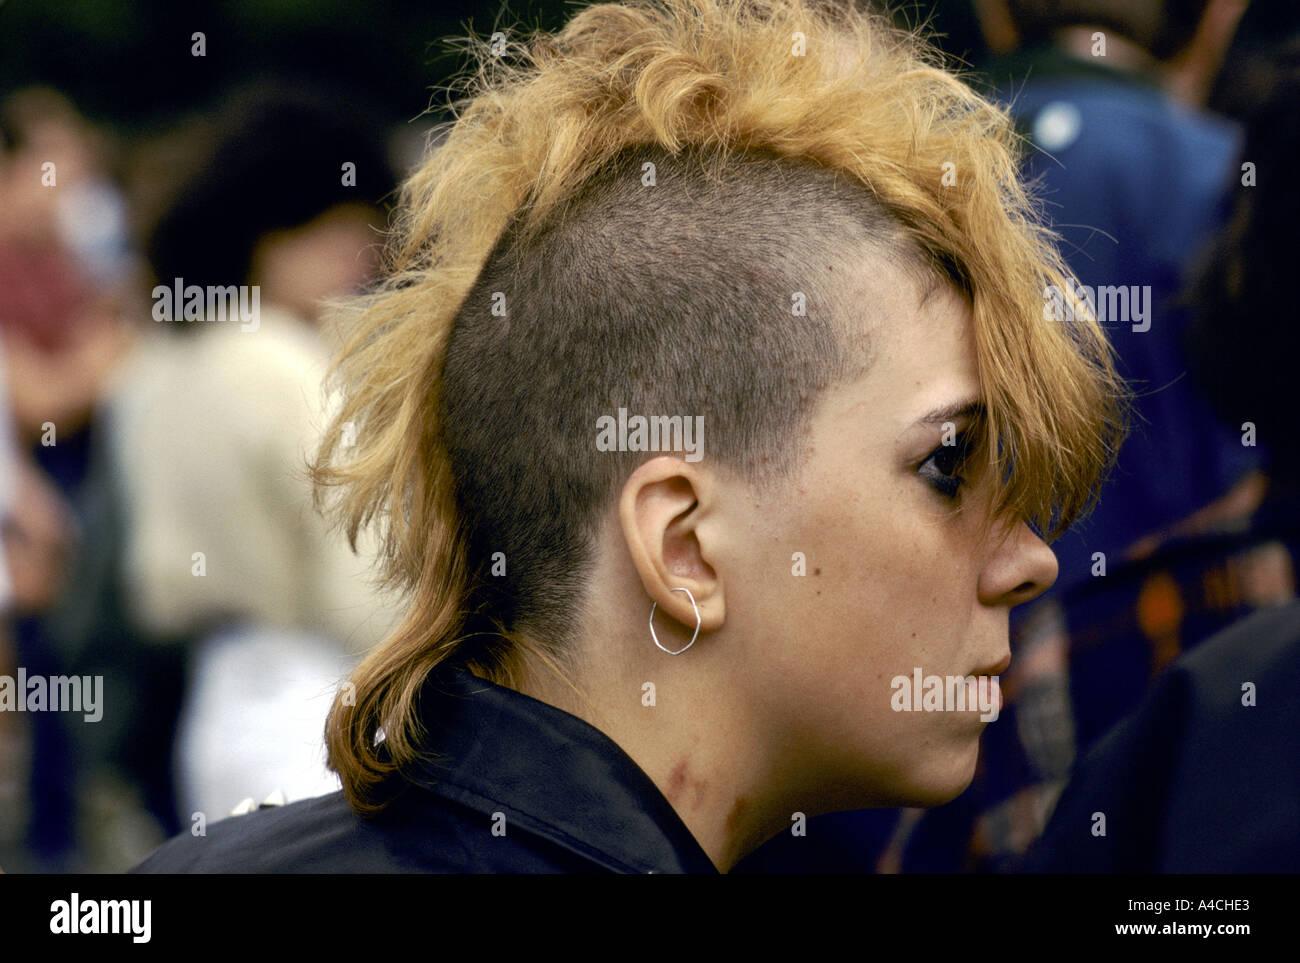 Punk Madchen Mit Einem Blonden Irokesenschnitt Frisur Notting Hill